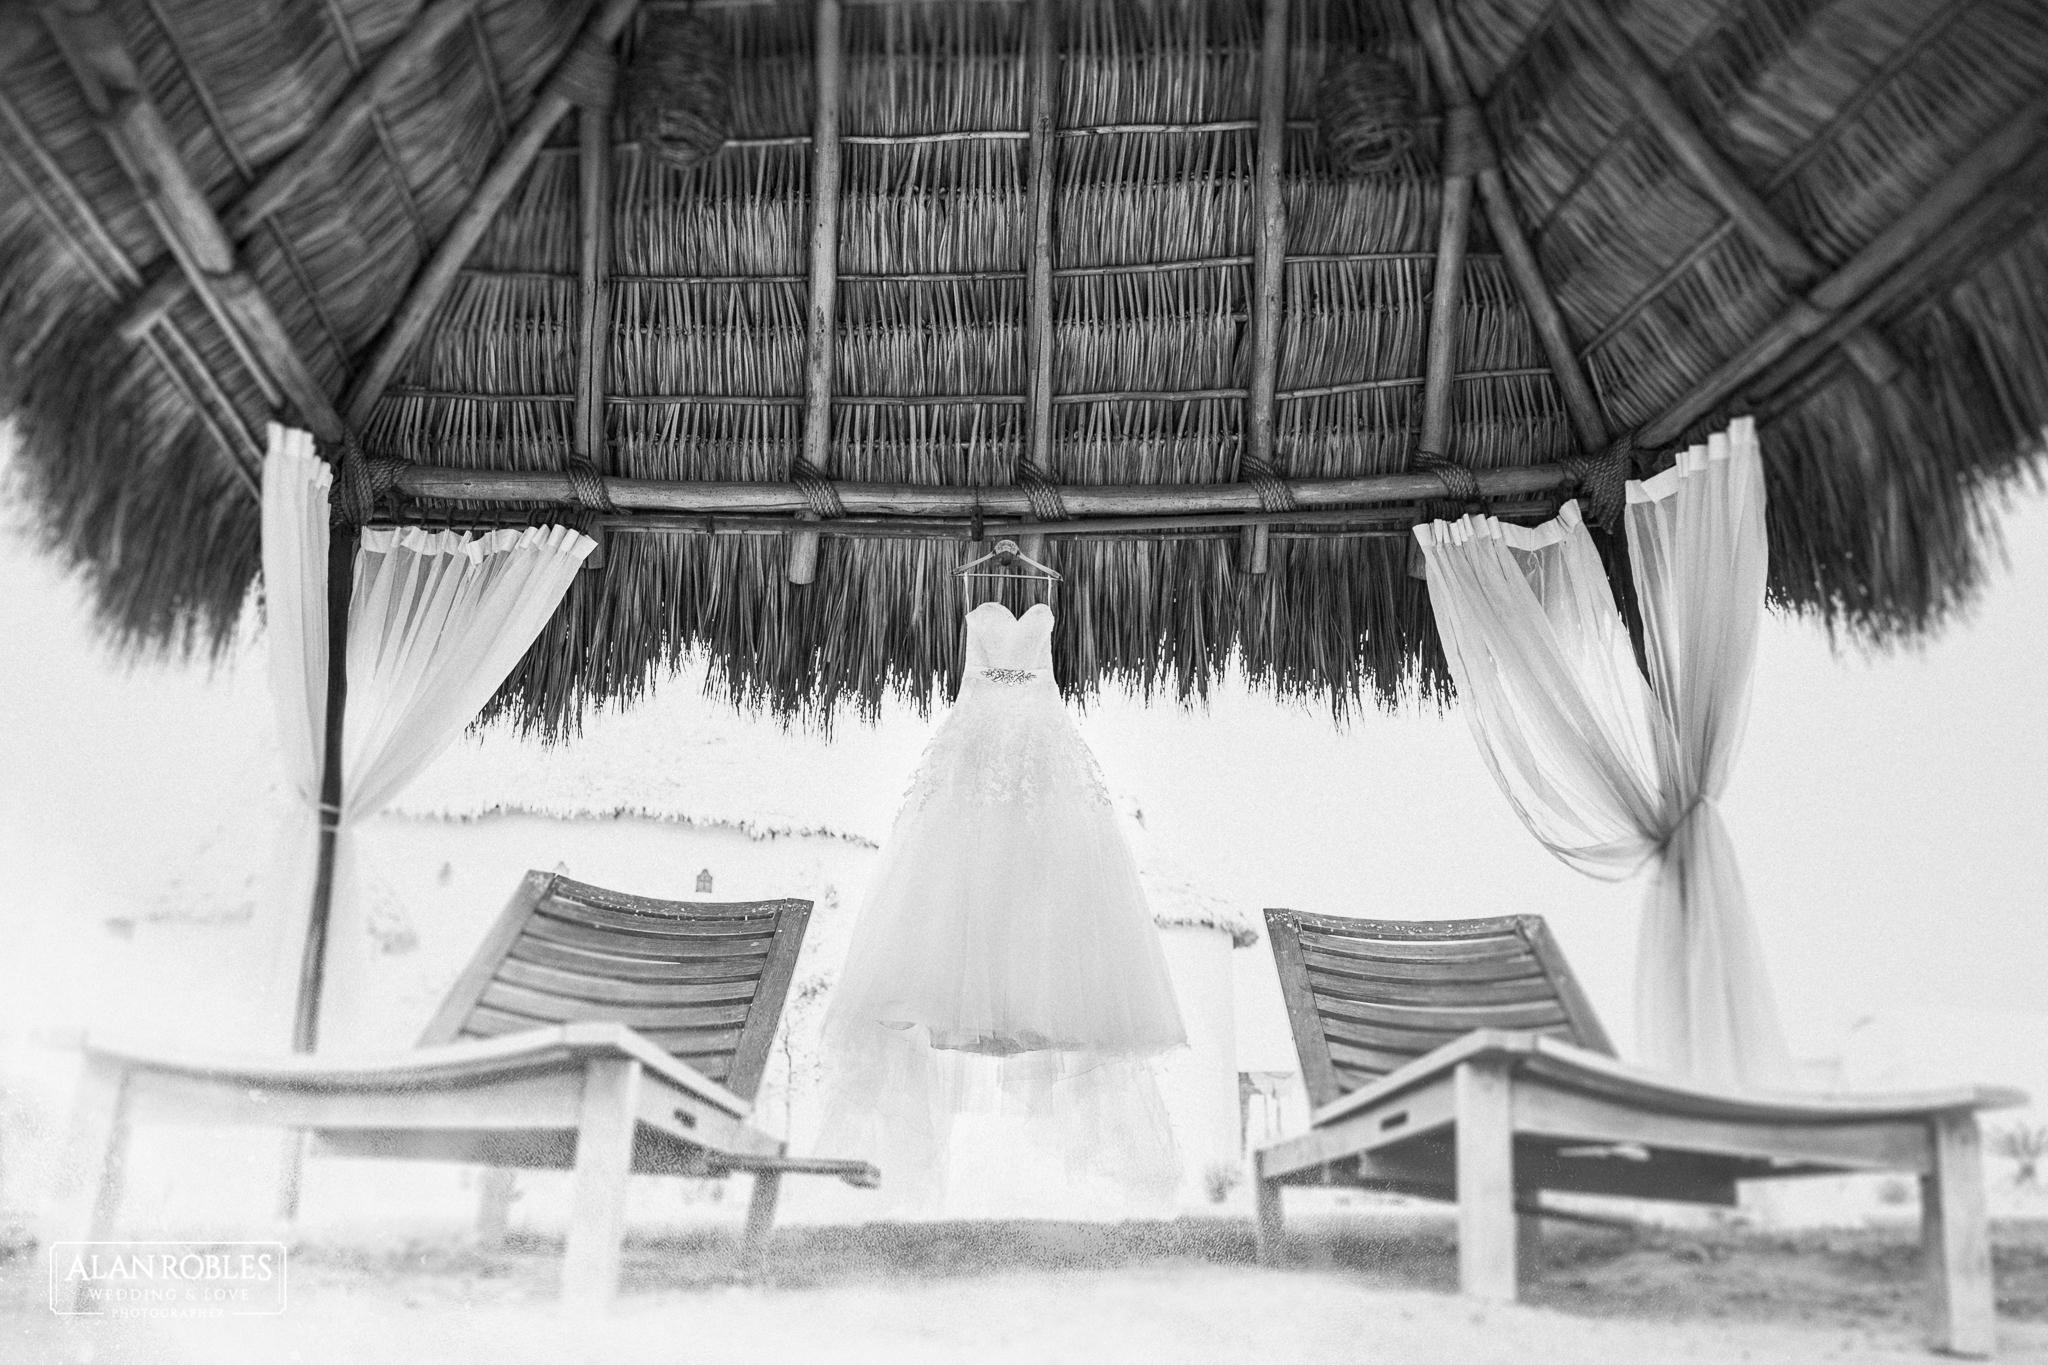 Vestido de novia colgado en una palapa en Hacienda Los Pozos en Guadalajara. Alan Robles Fotografo de Bodas.